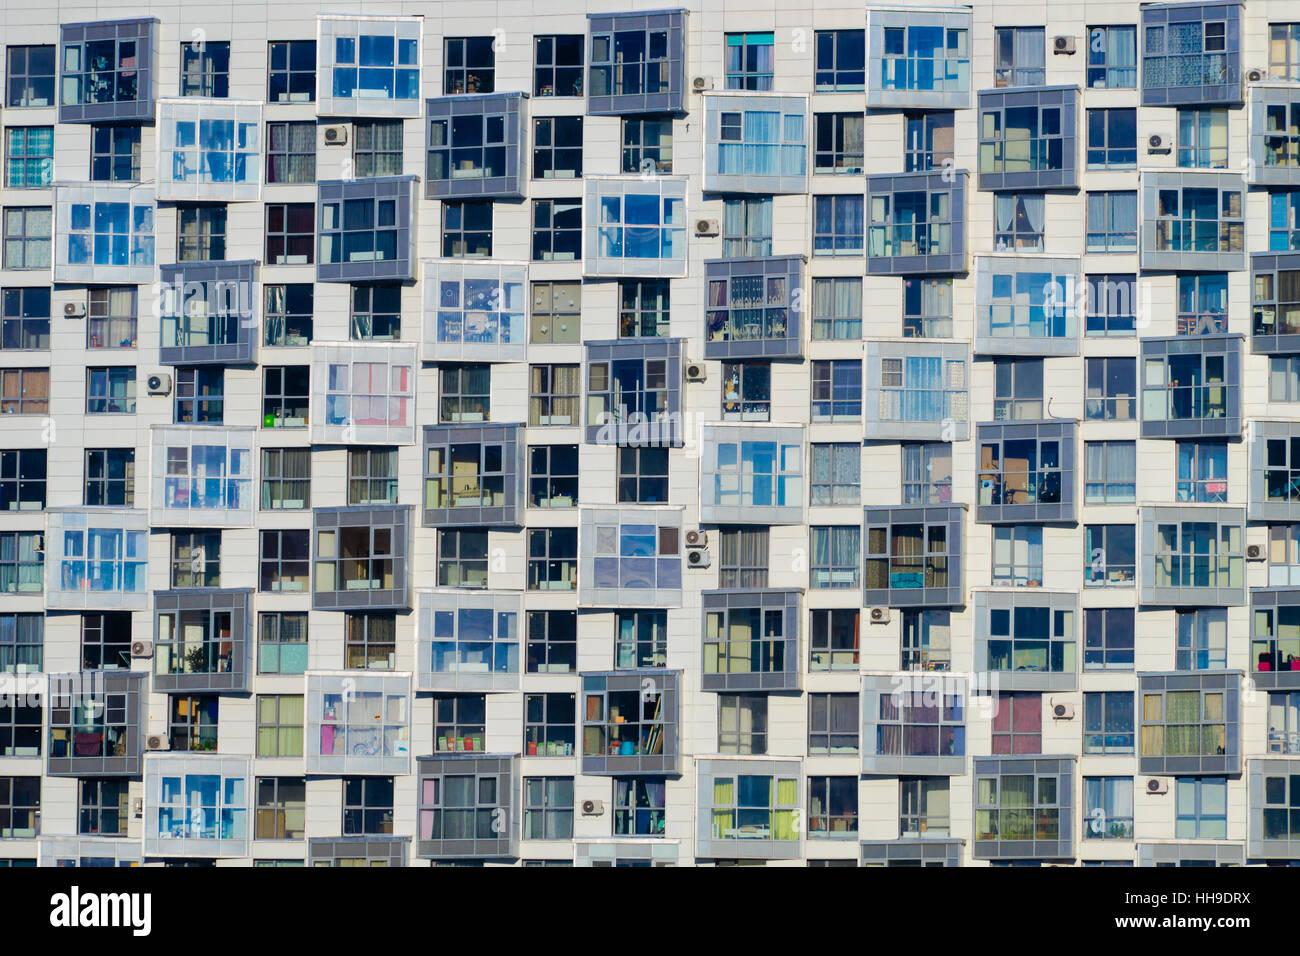 Les appartements modernes de jour d'été à l'extérieur des bâtiments Photo Stock